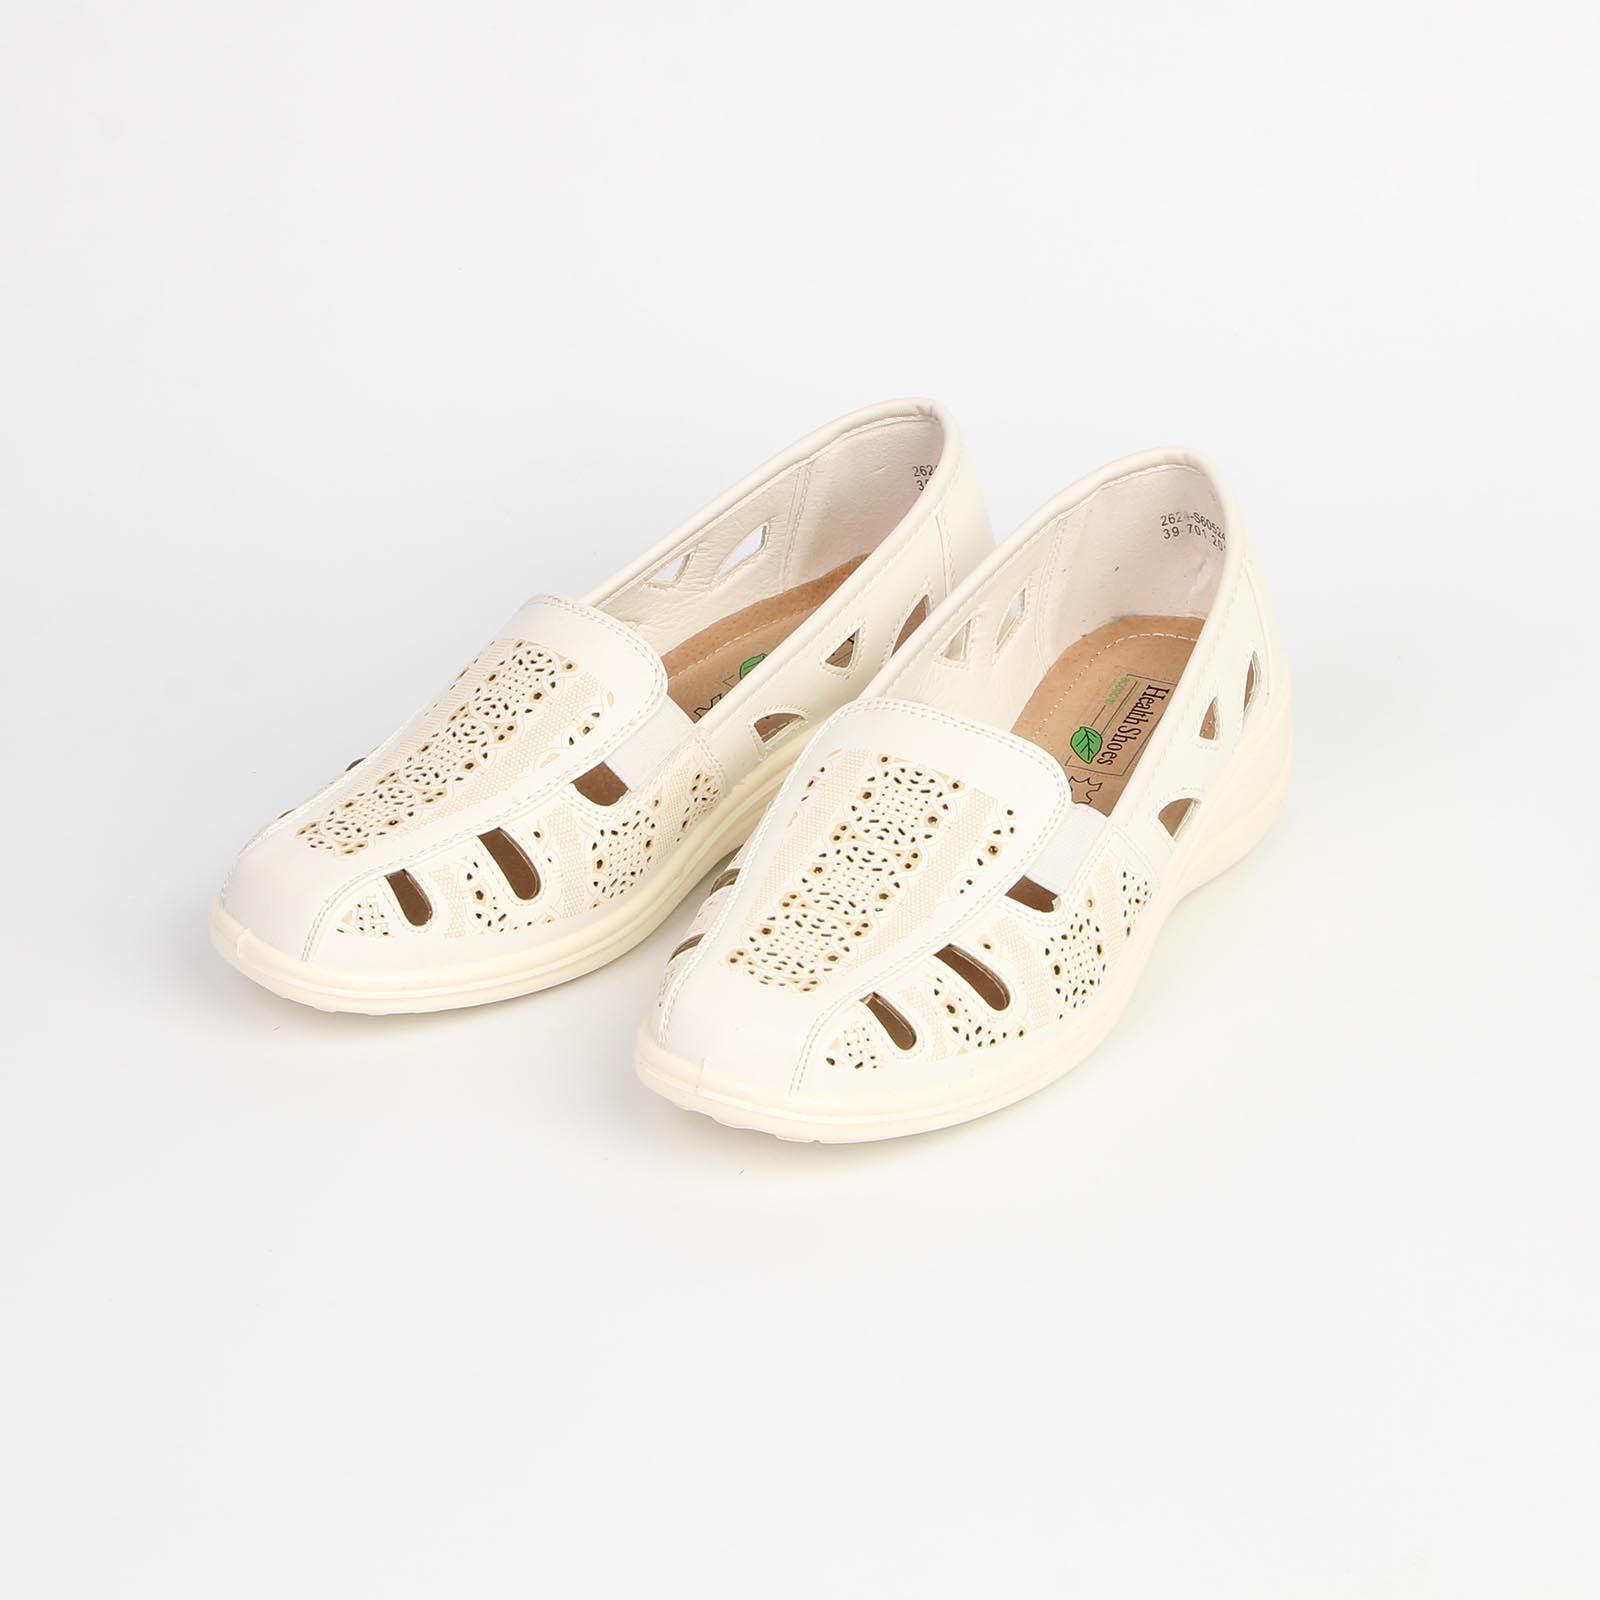 Туфли женские на низкой подошве украшенные крупной перфорацией